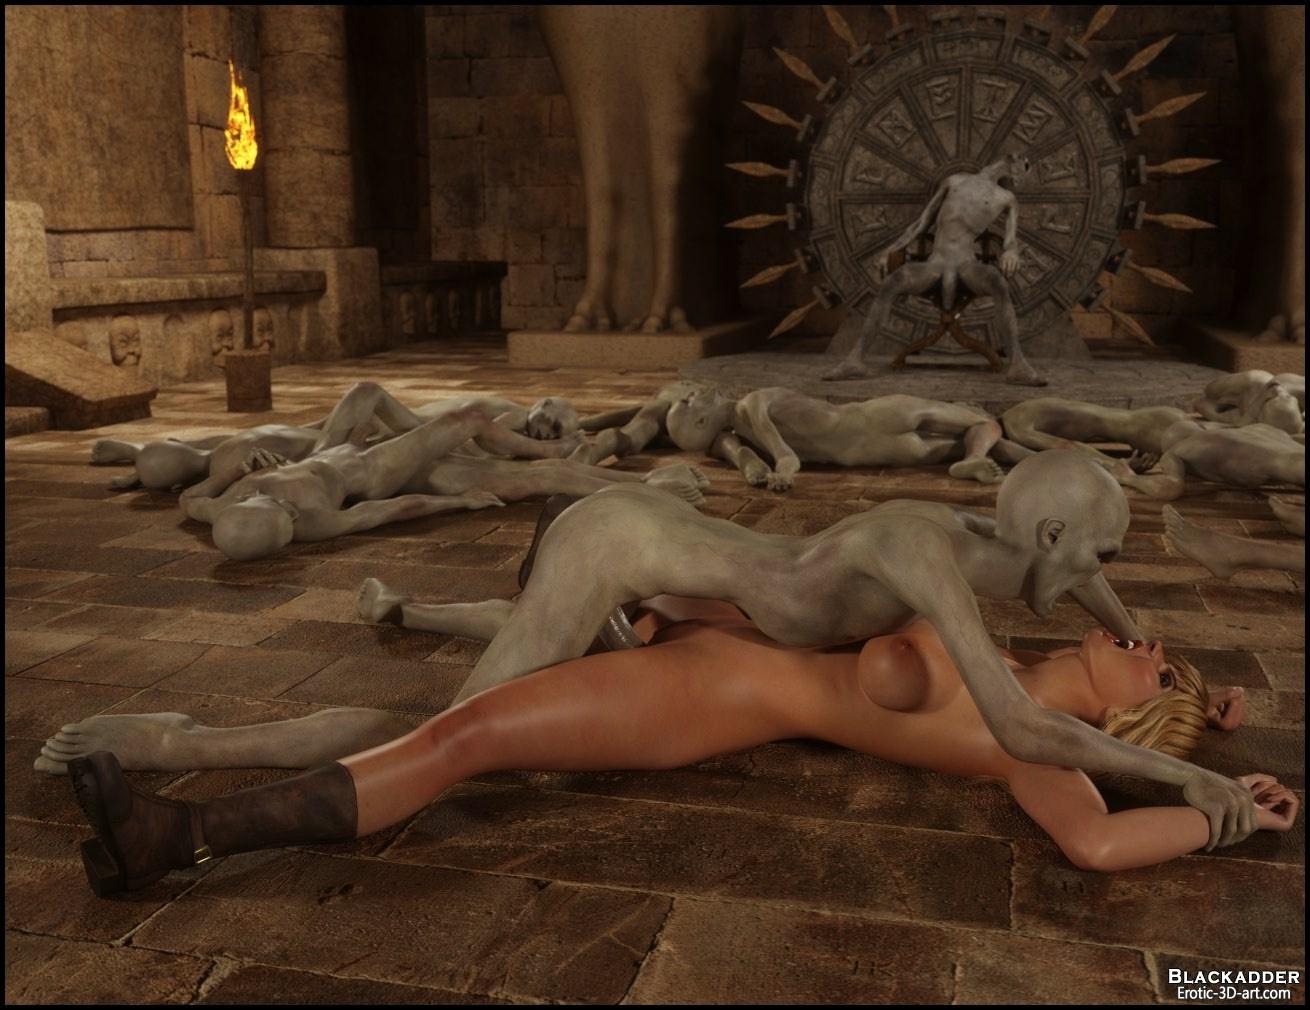 Смотреть эротику в древним египте, Энергичный лесбийский секс в древнем Египте 17 фотография